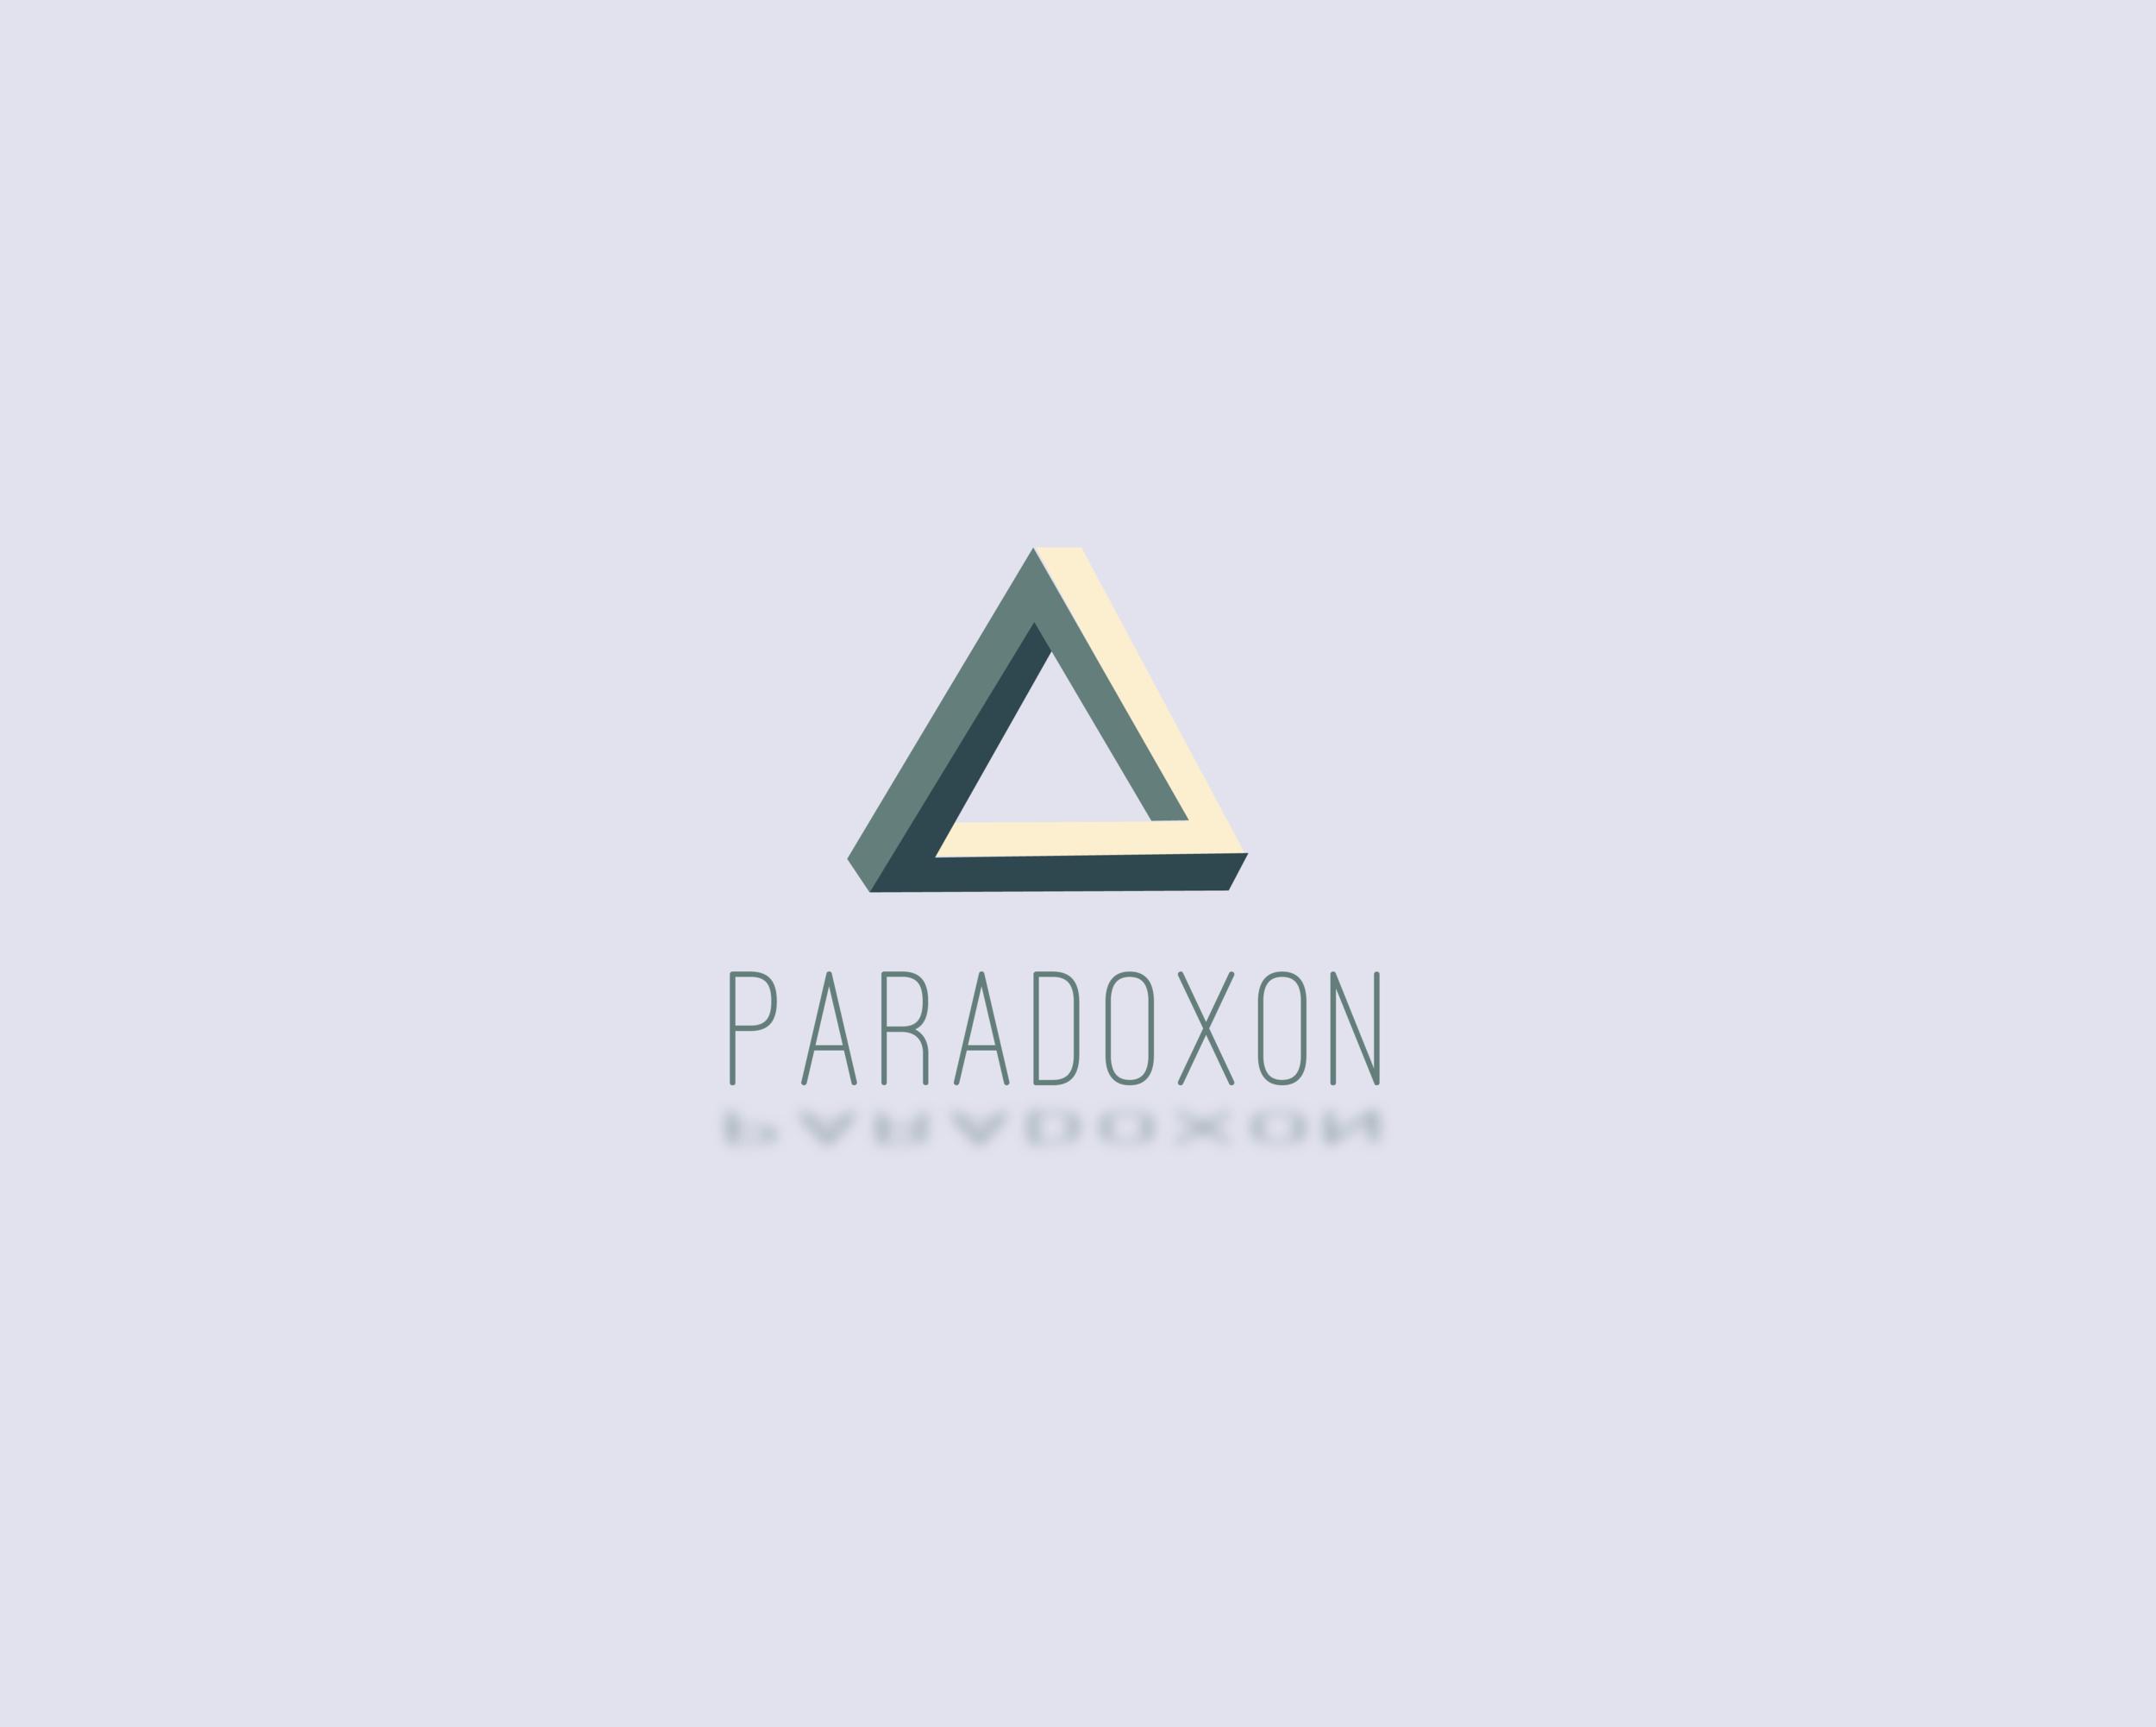 Paradoxon1.png